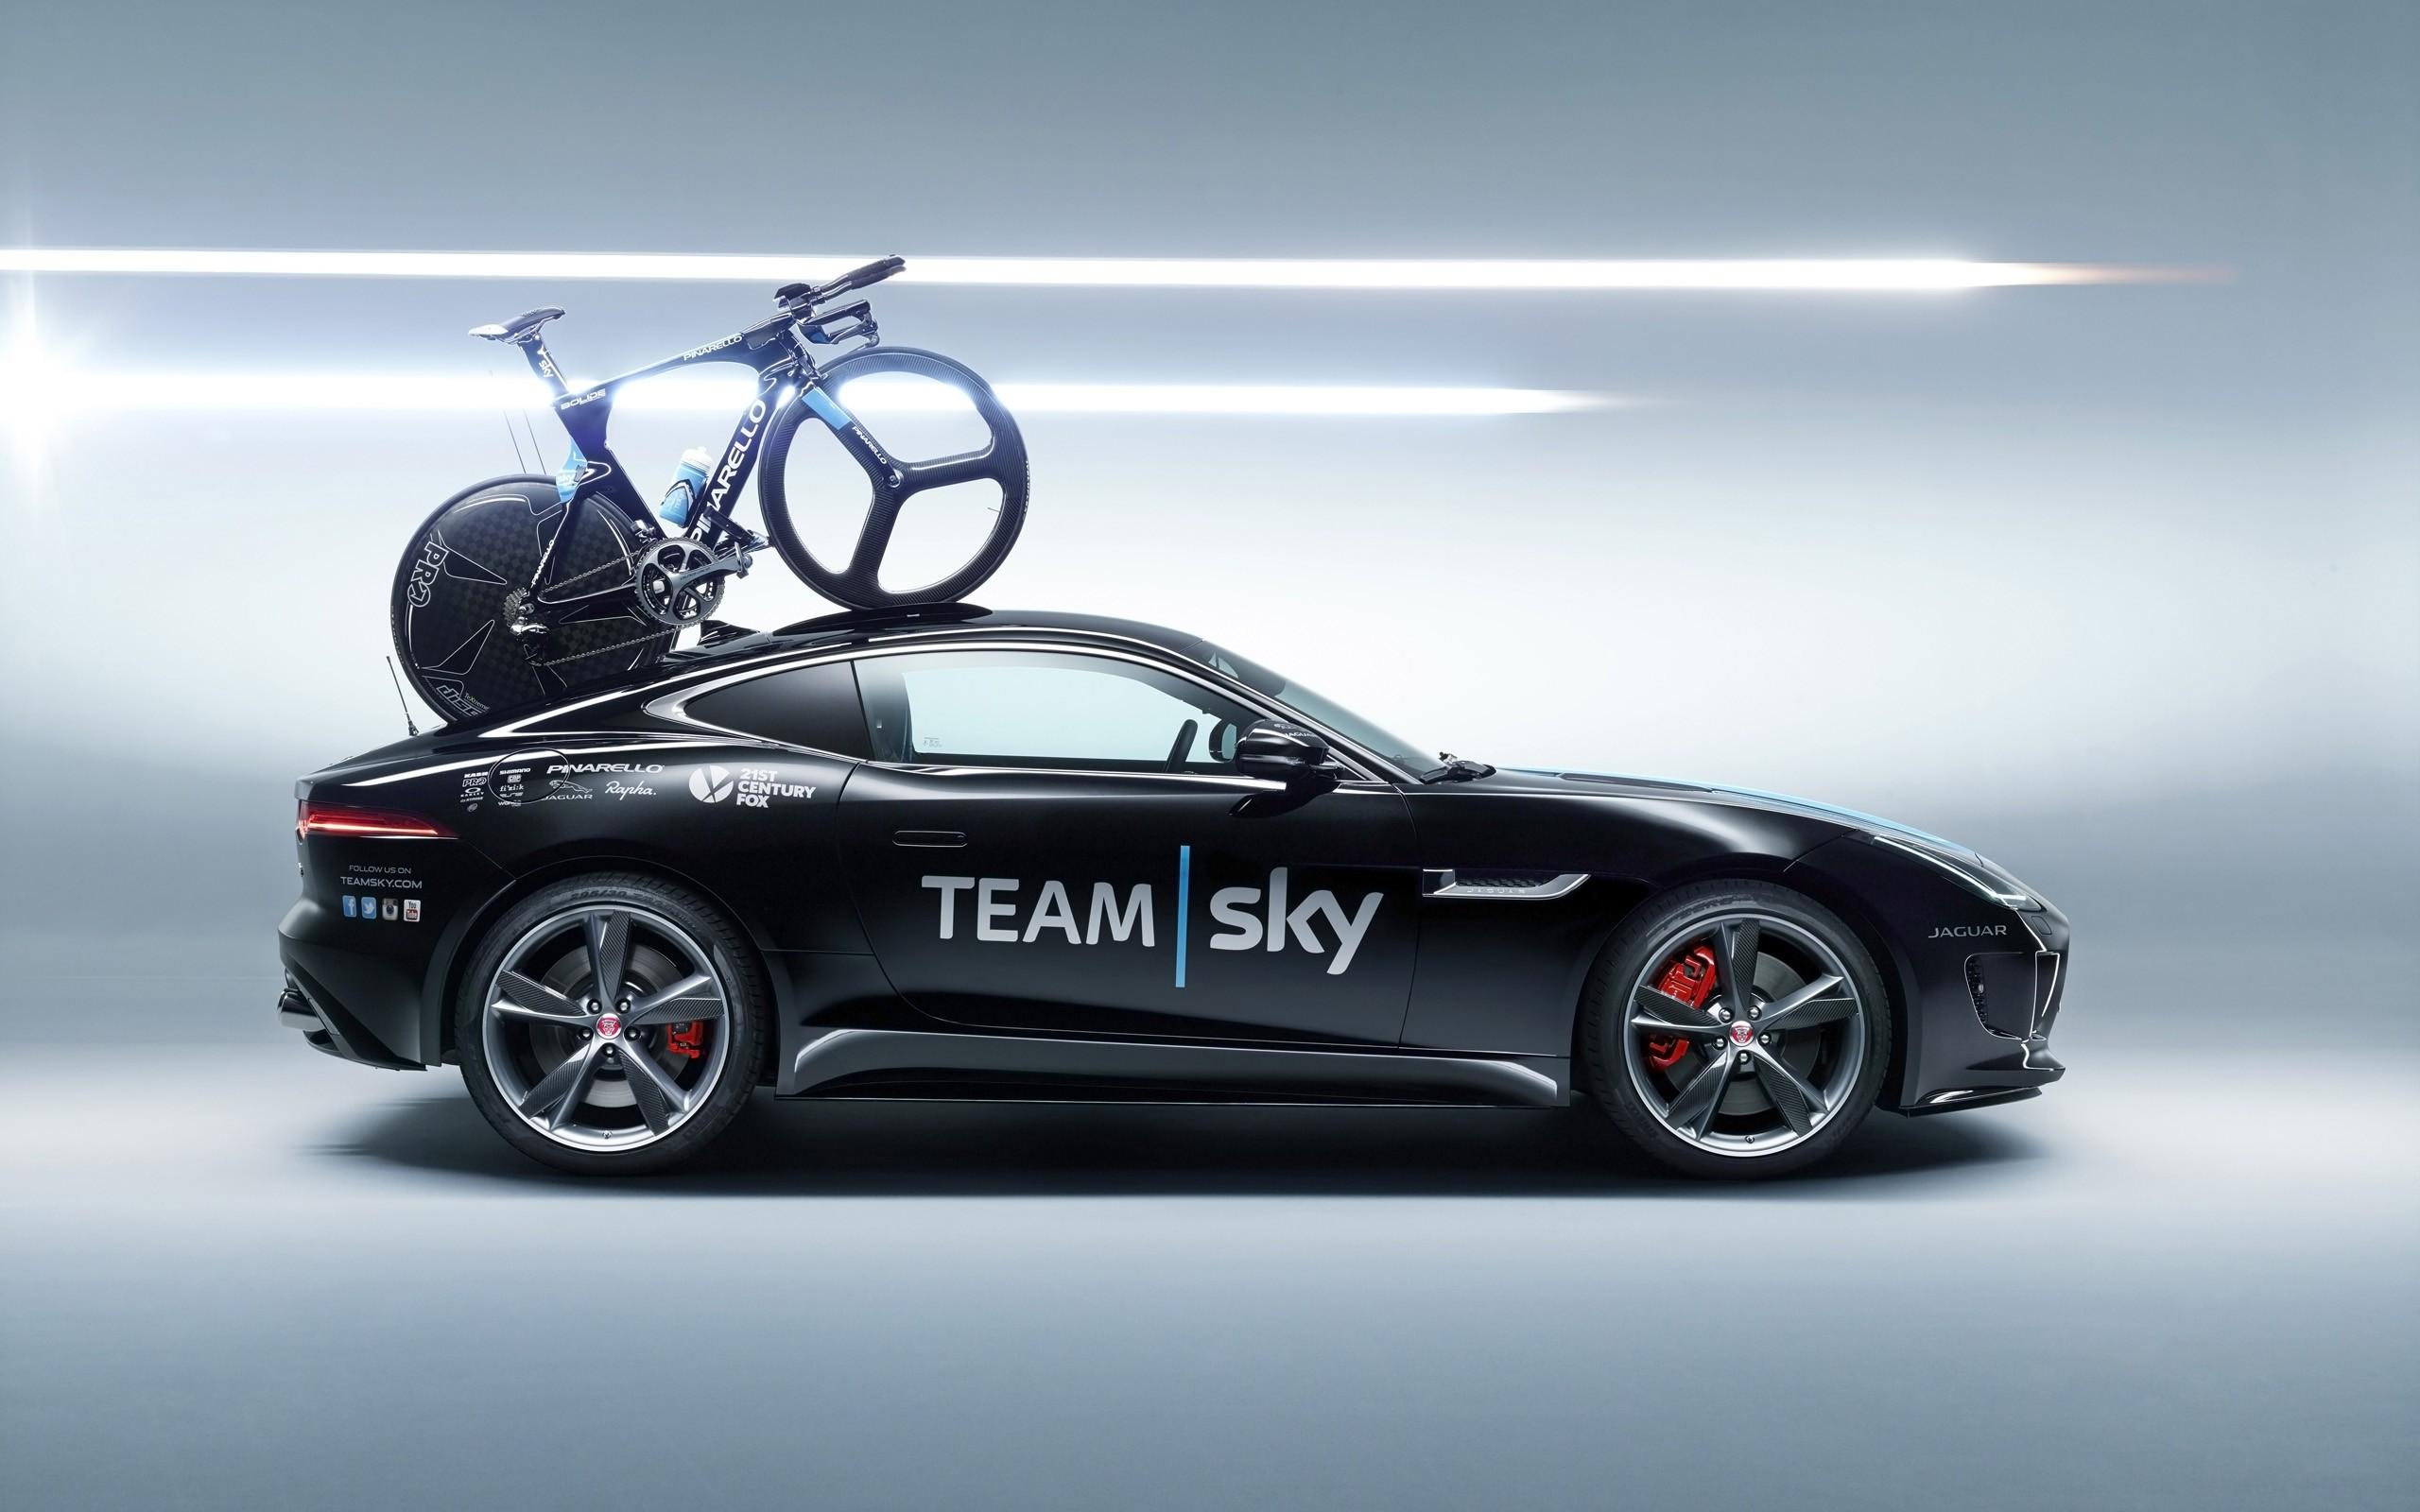 2014 Jaguar F Type Coupe Tour de France 2 Wallpaper | HD ...